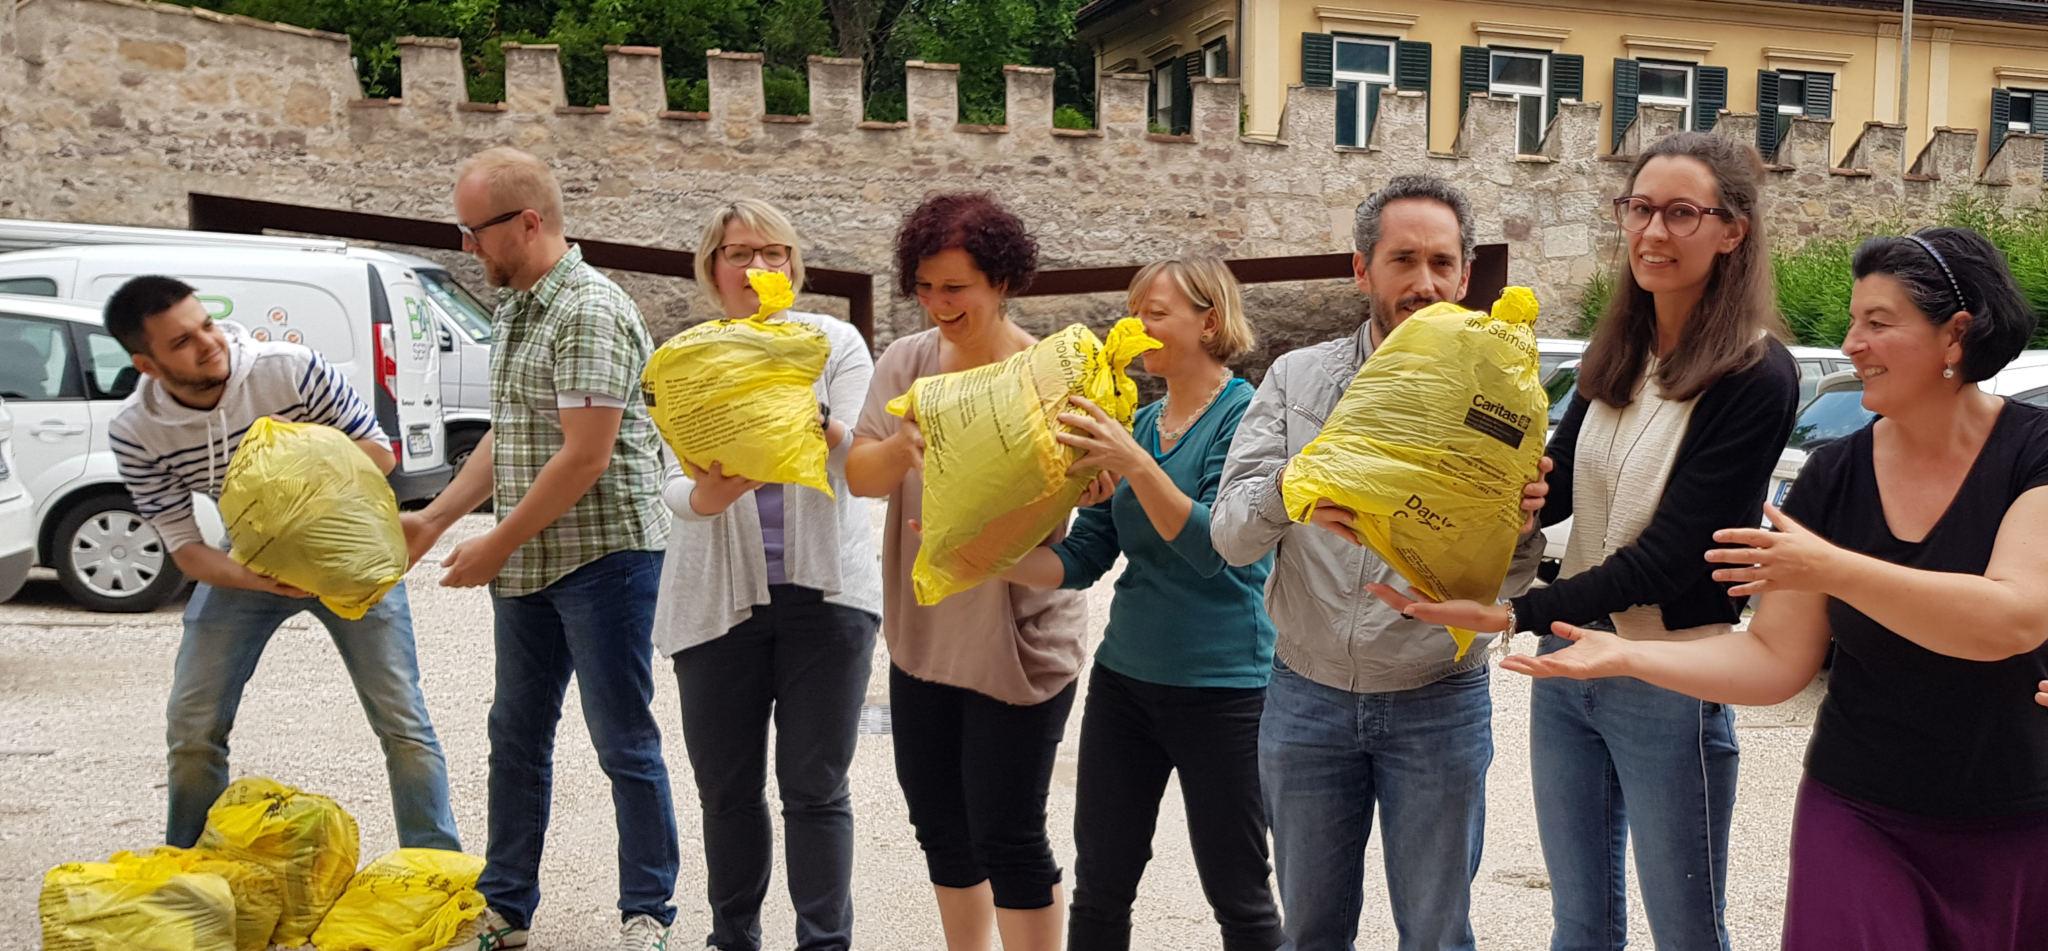 Caritas: Gebrauchtkleidersammlung trotzt dem Regenwetter